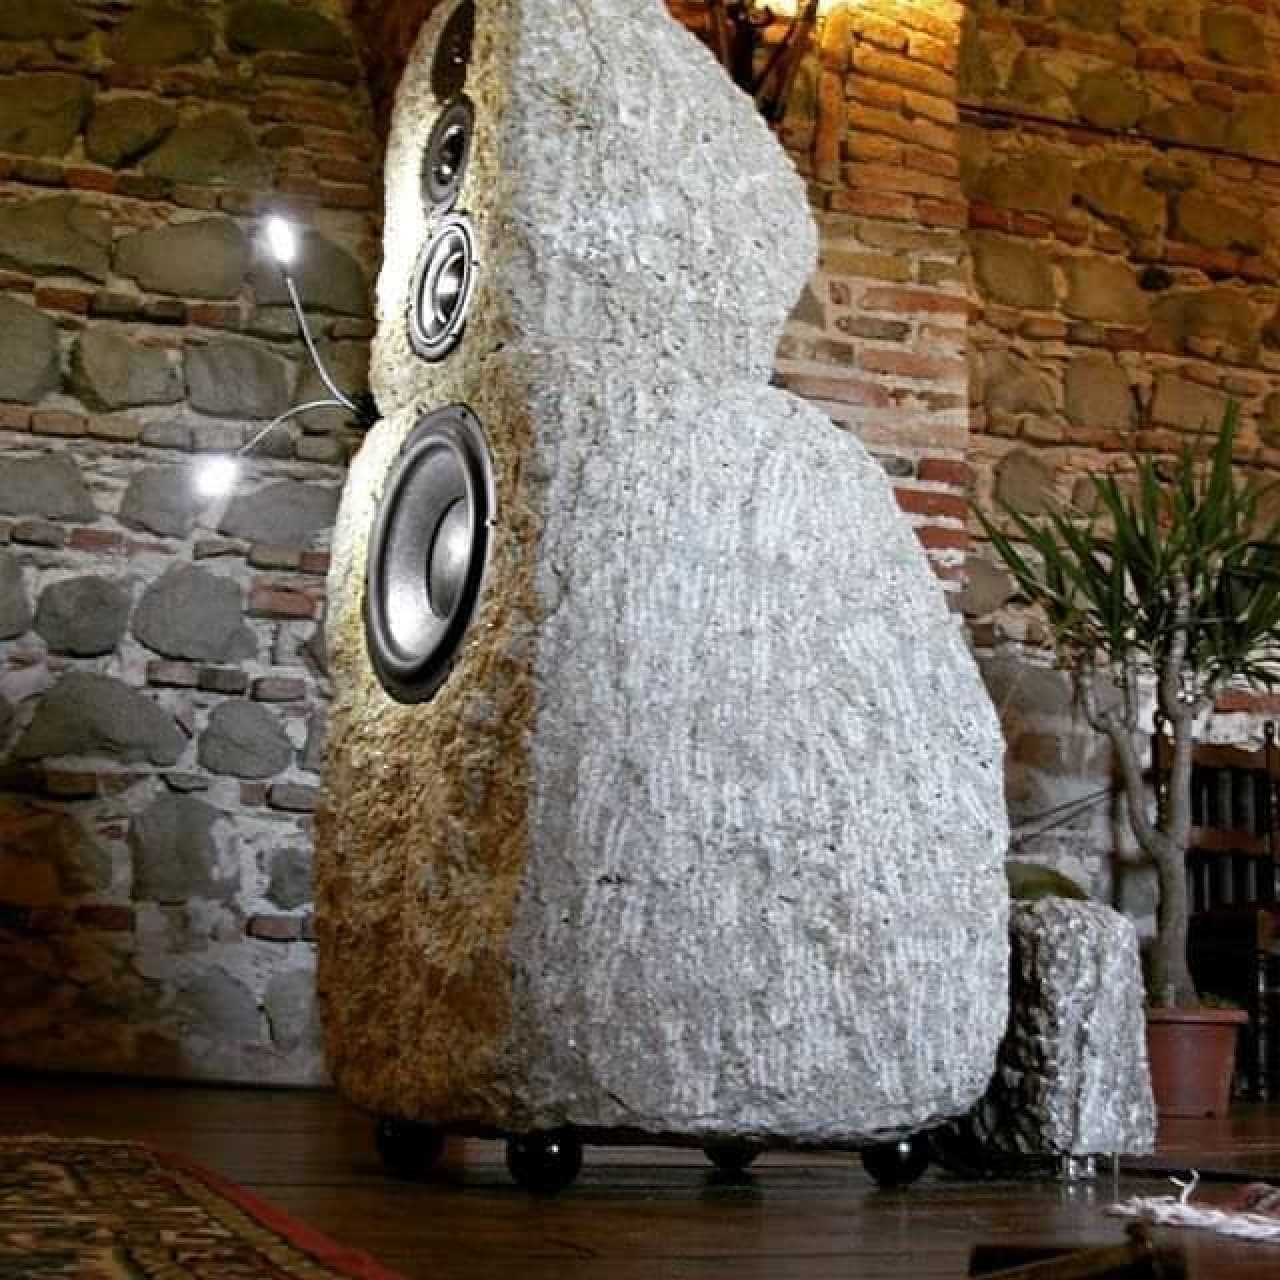 石でできたスピーカー「Stones Speakers」